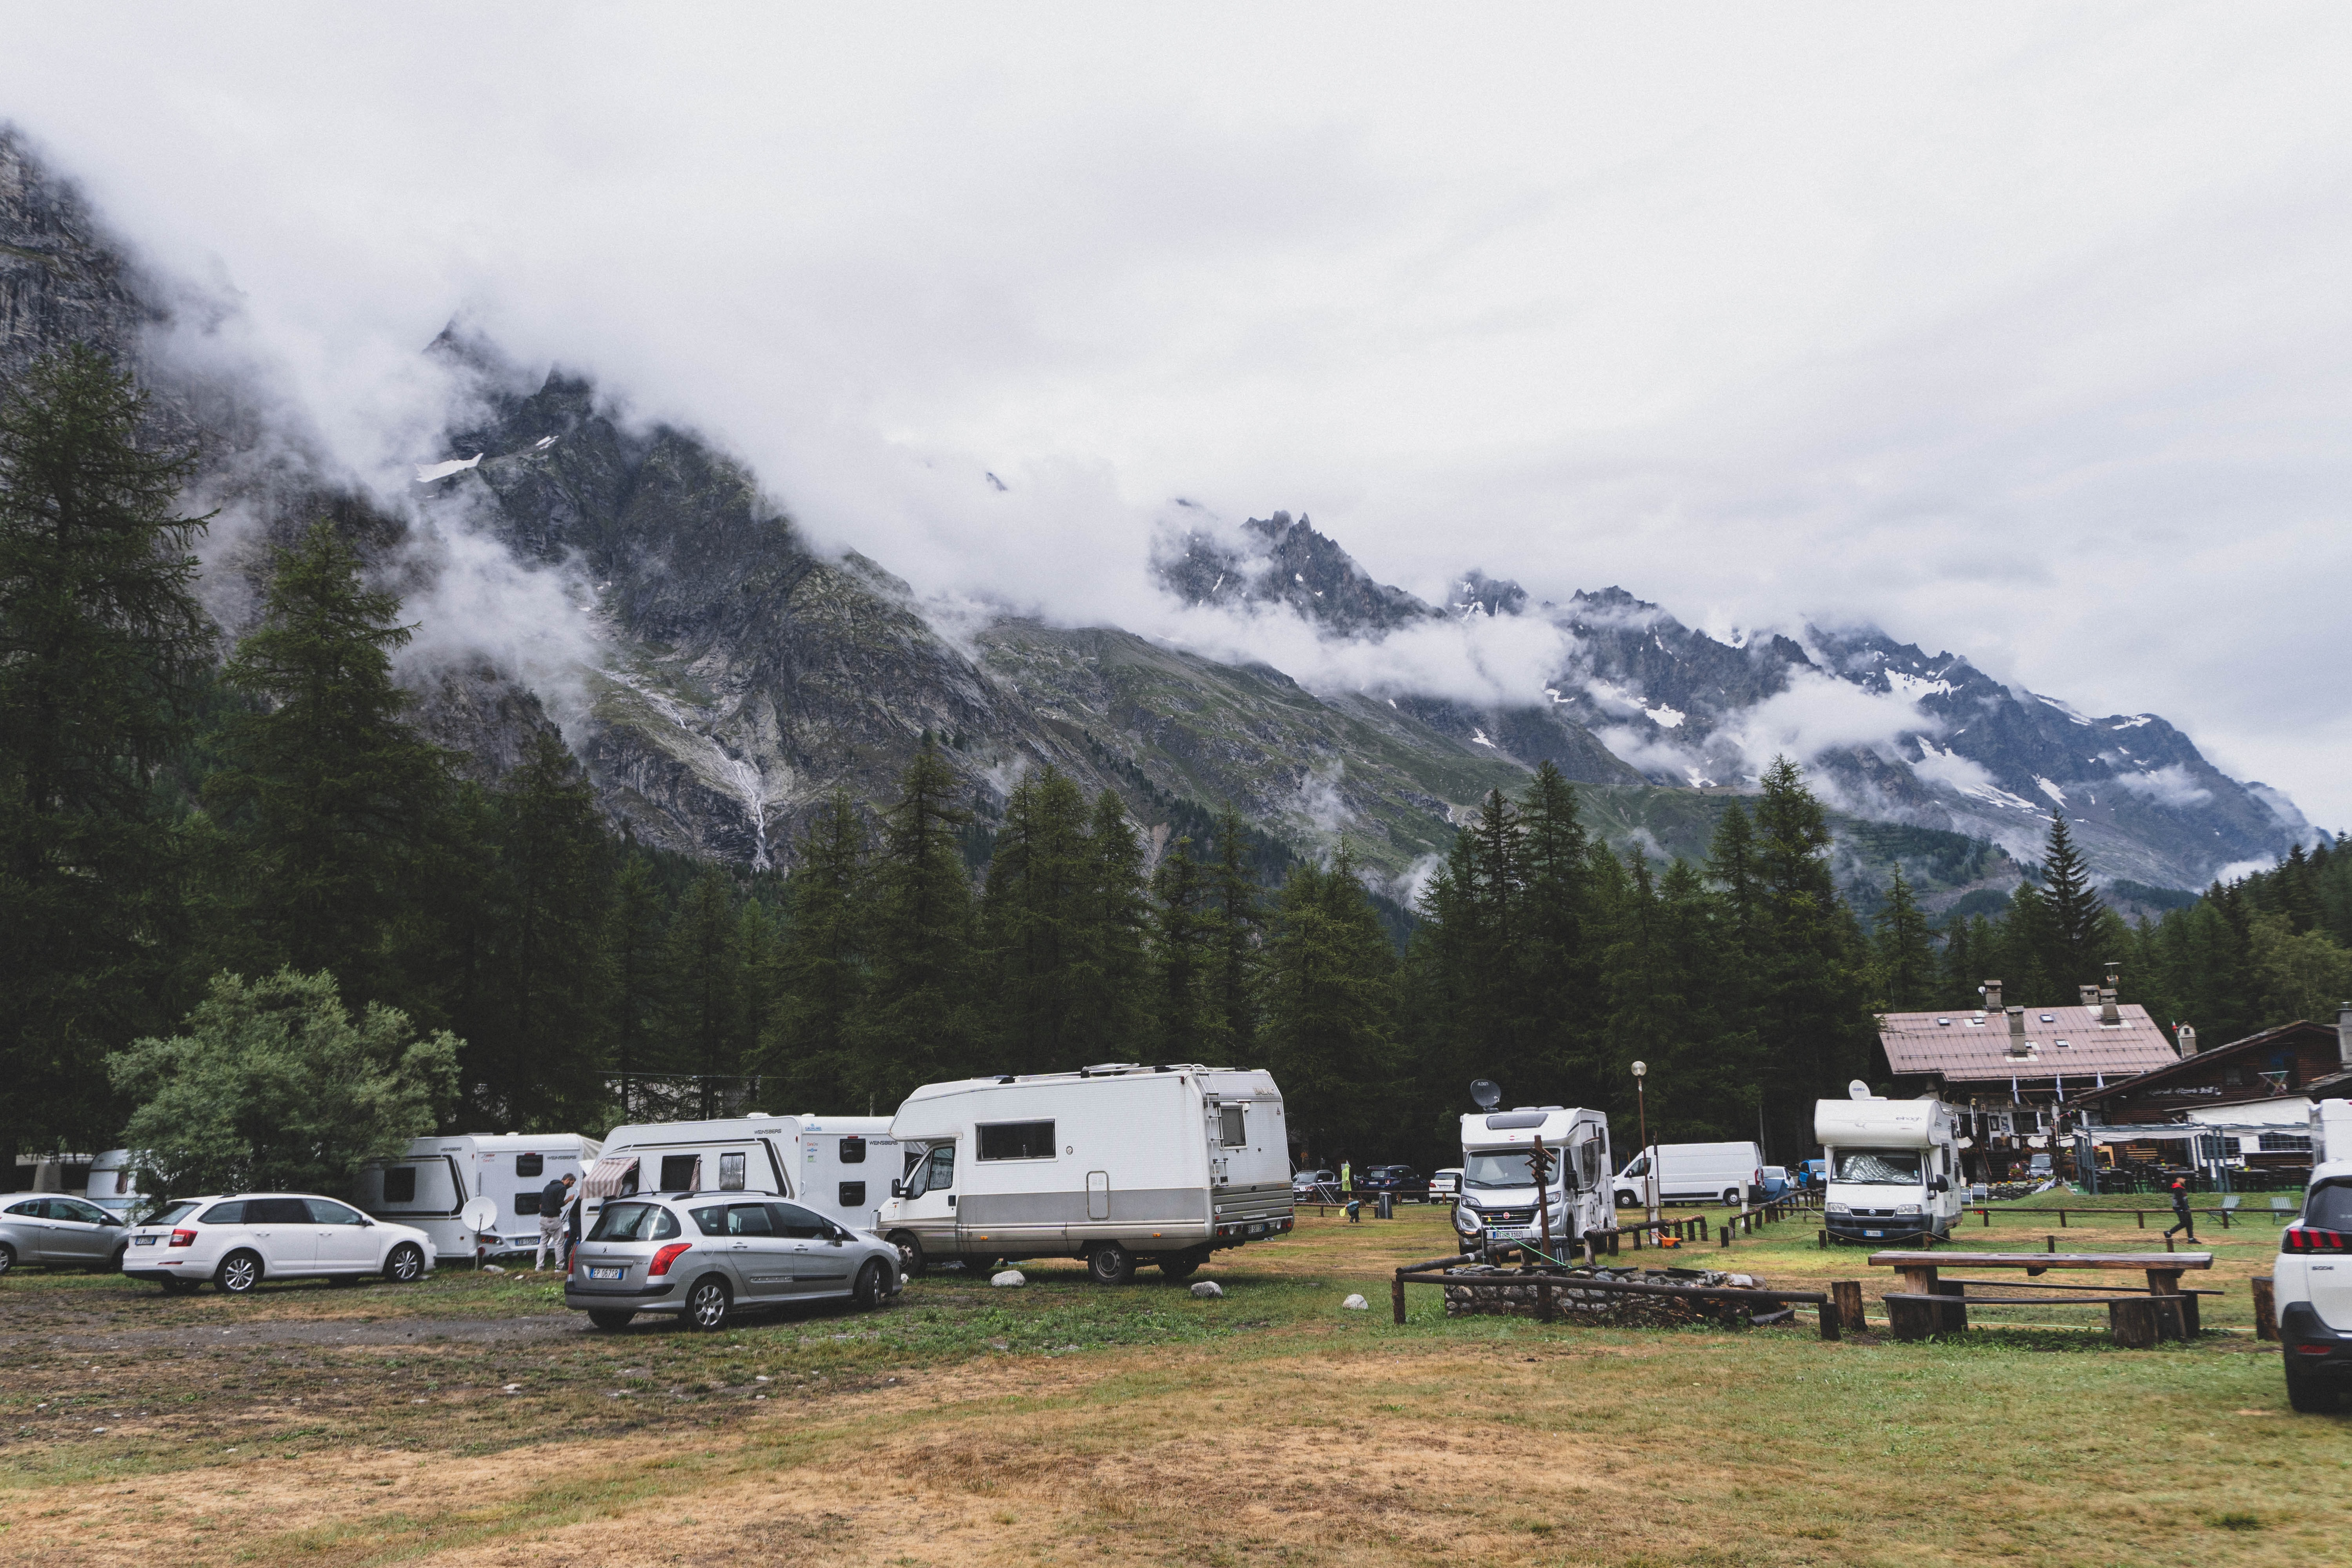 Bliv klar til ferien med campingtilbehør